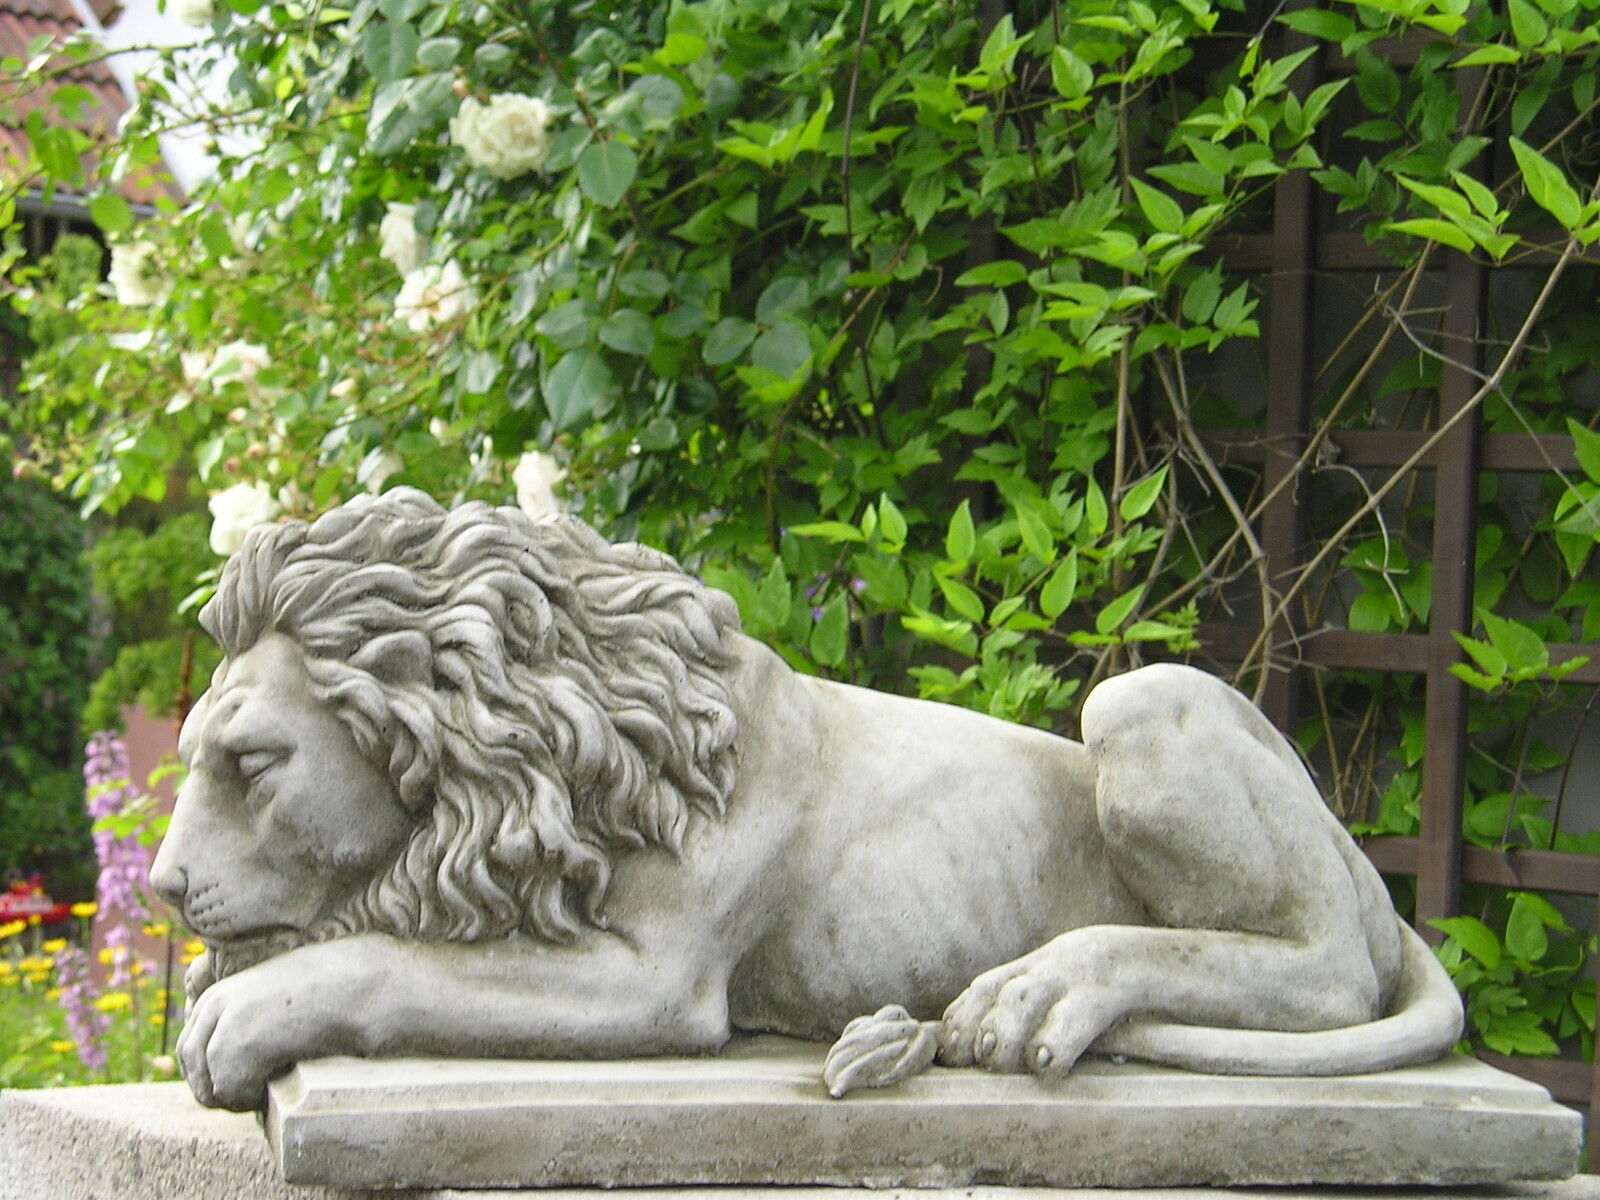 gartenfigur steinfigur stein skulptur l we r antik. Black Bedroom Furniture Sets. Home Design Ideas